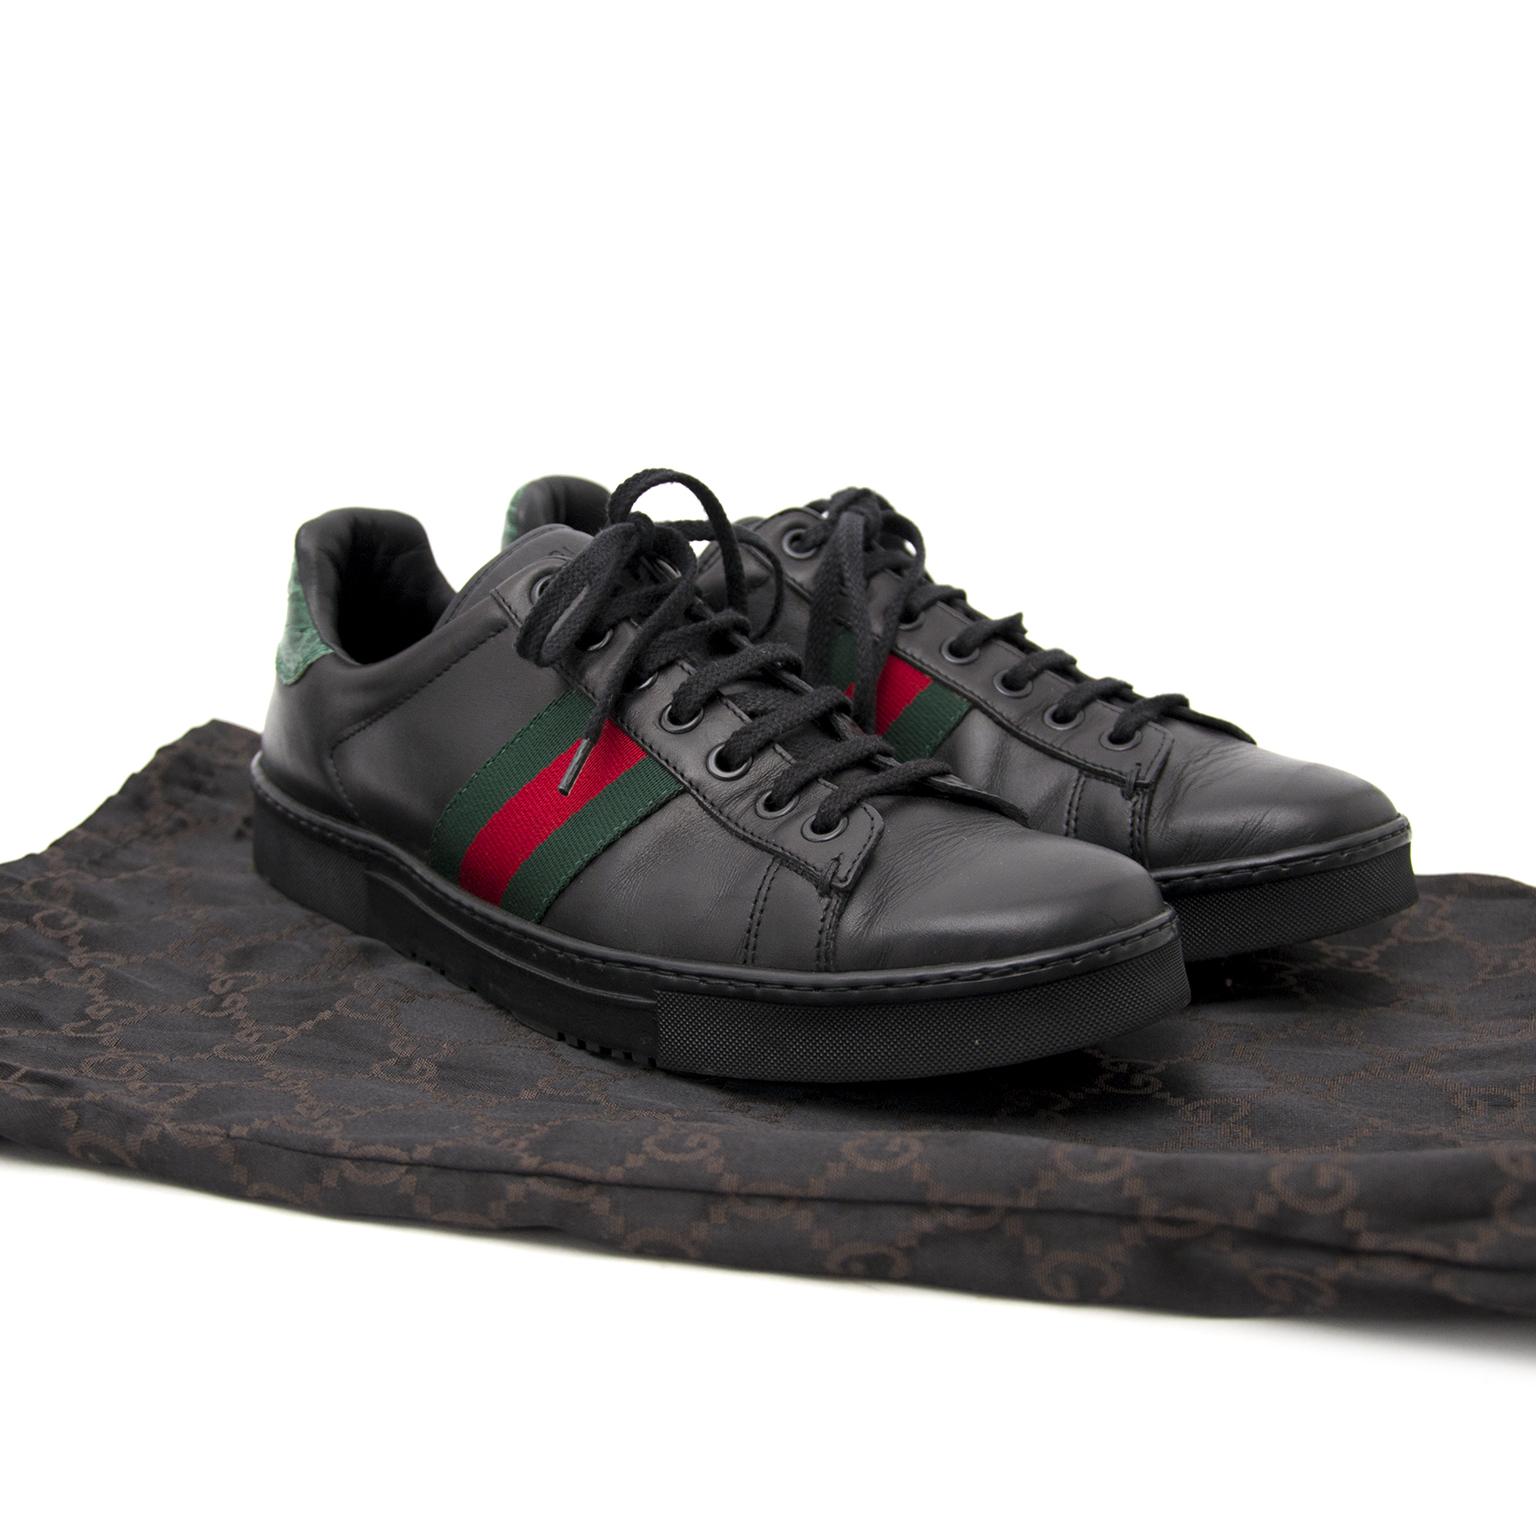 Acheter en ligne chez Labellov.com Gucci Leather Sneakers Nero Verdo Rosso Size 36,5